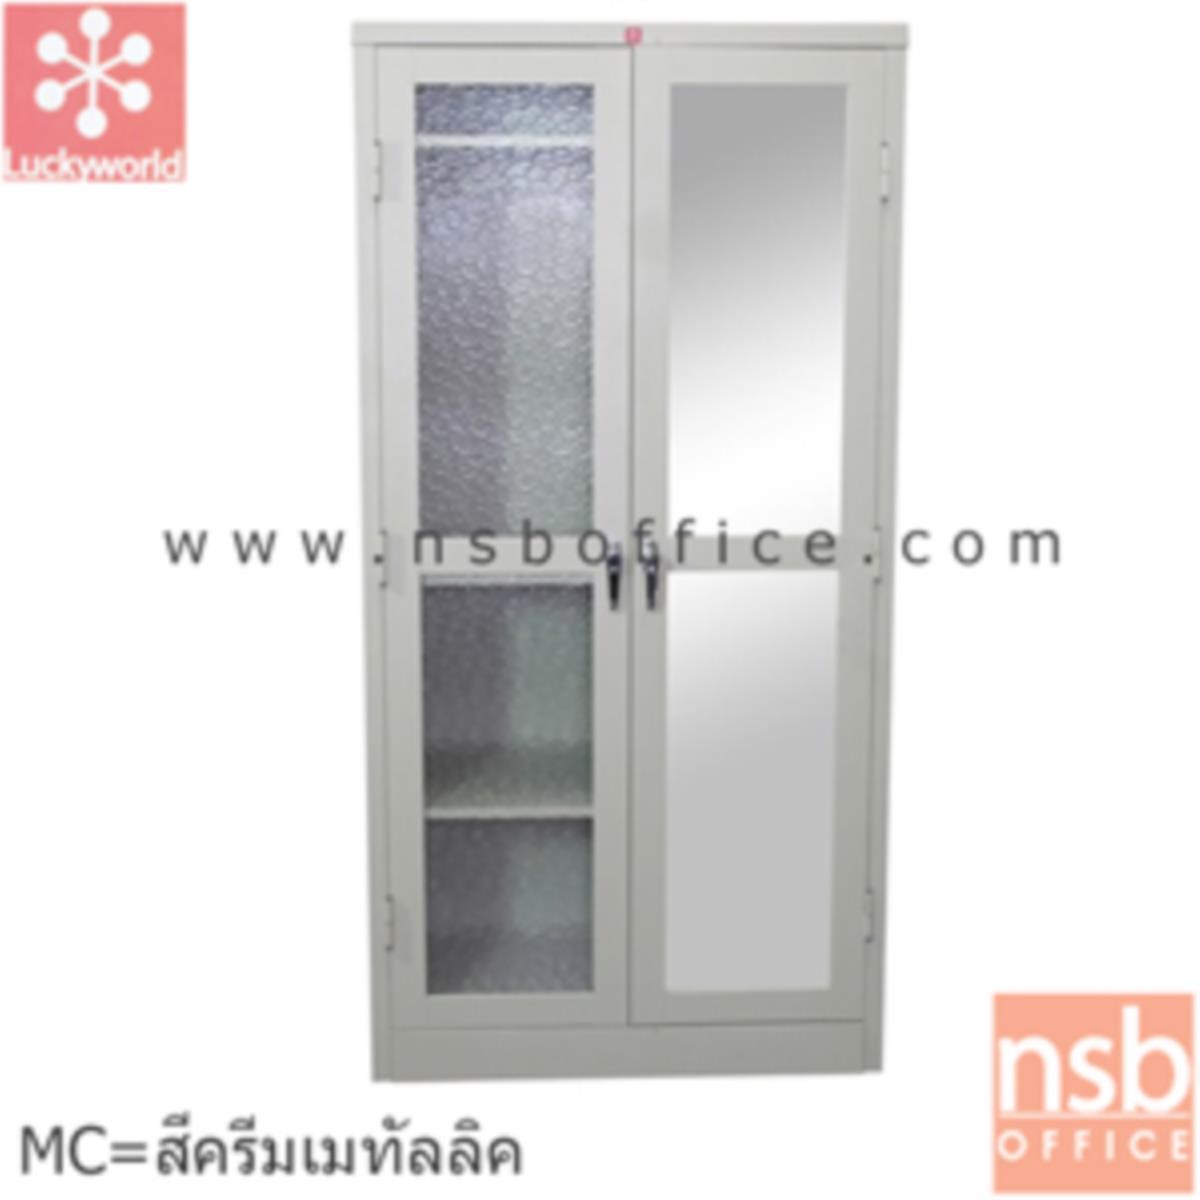 E31A049:ตู้เสื้อผ้าบานเปิด (สินค้ามีจำนวนจำกัด) รุ่น KWL183-MC